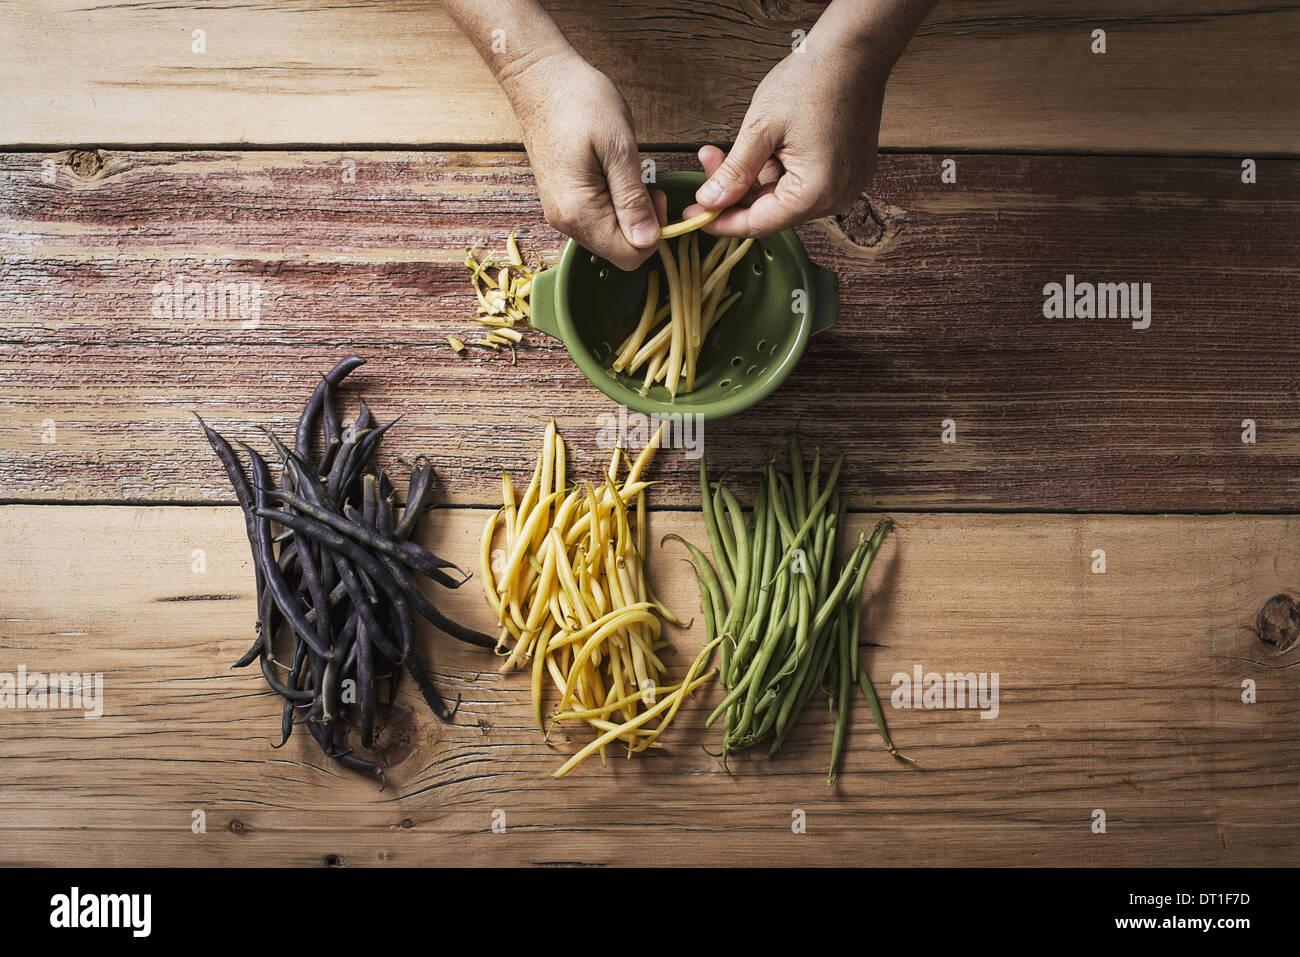 Organico giallo verde e nero fagioli ortaggi freschi è sormontata e croci da una persona prima di cucinare e mangiare Immagini Stock